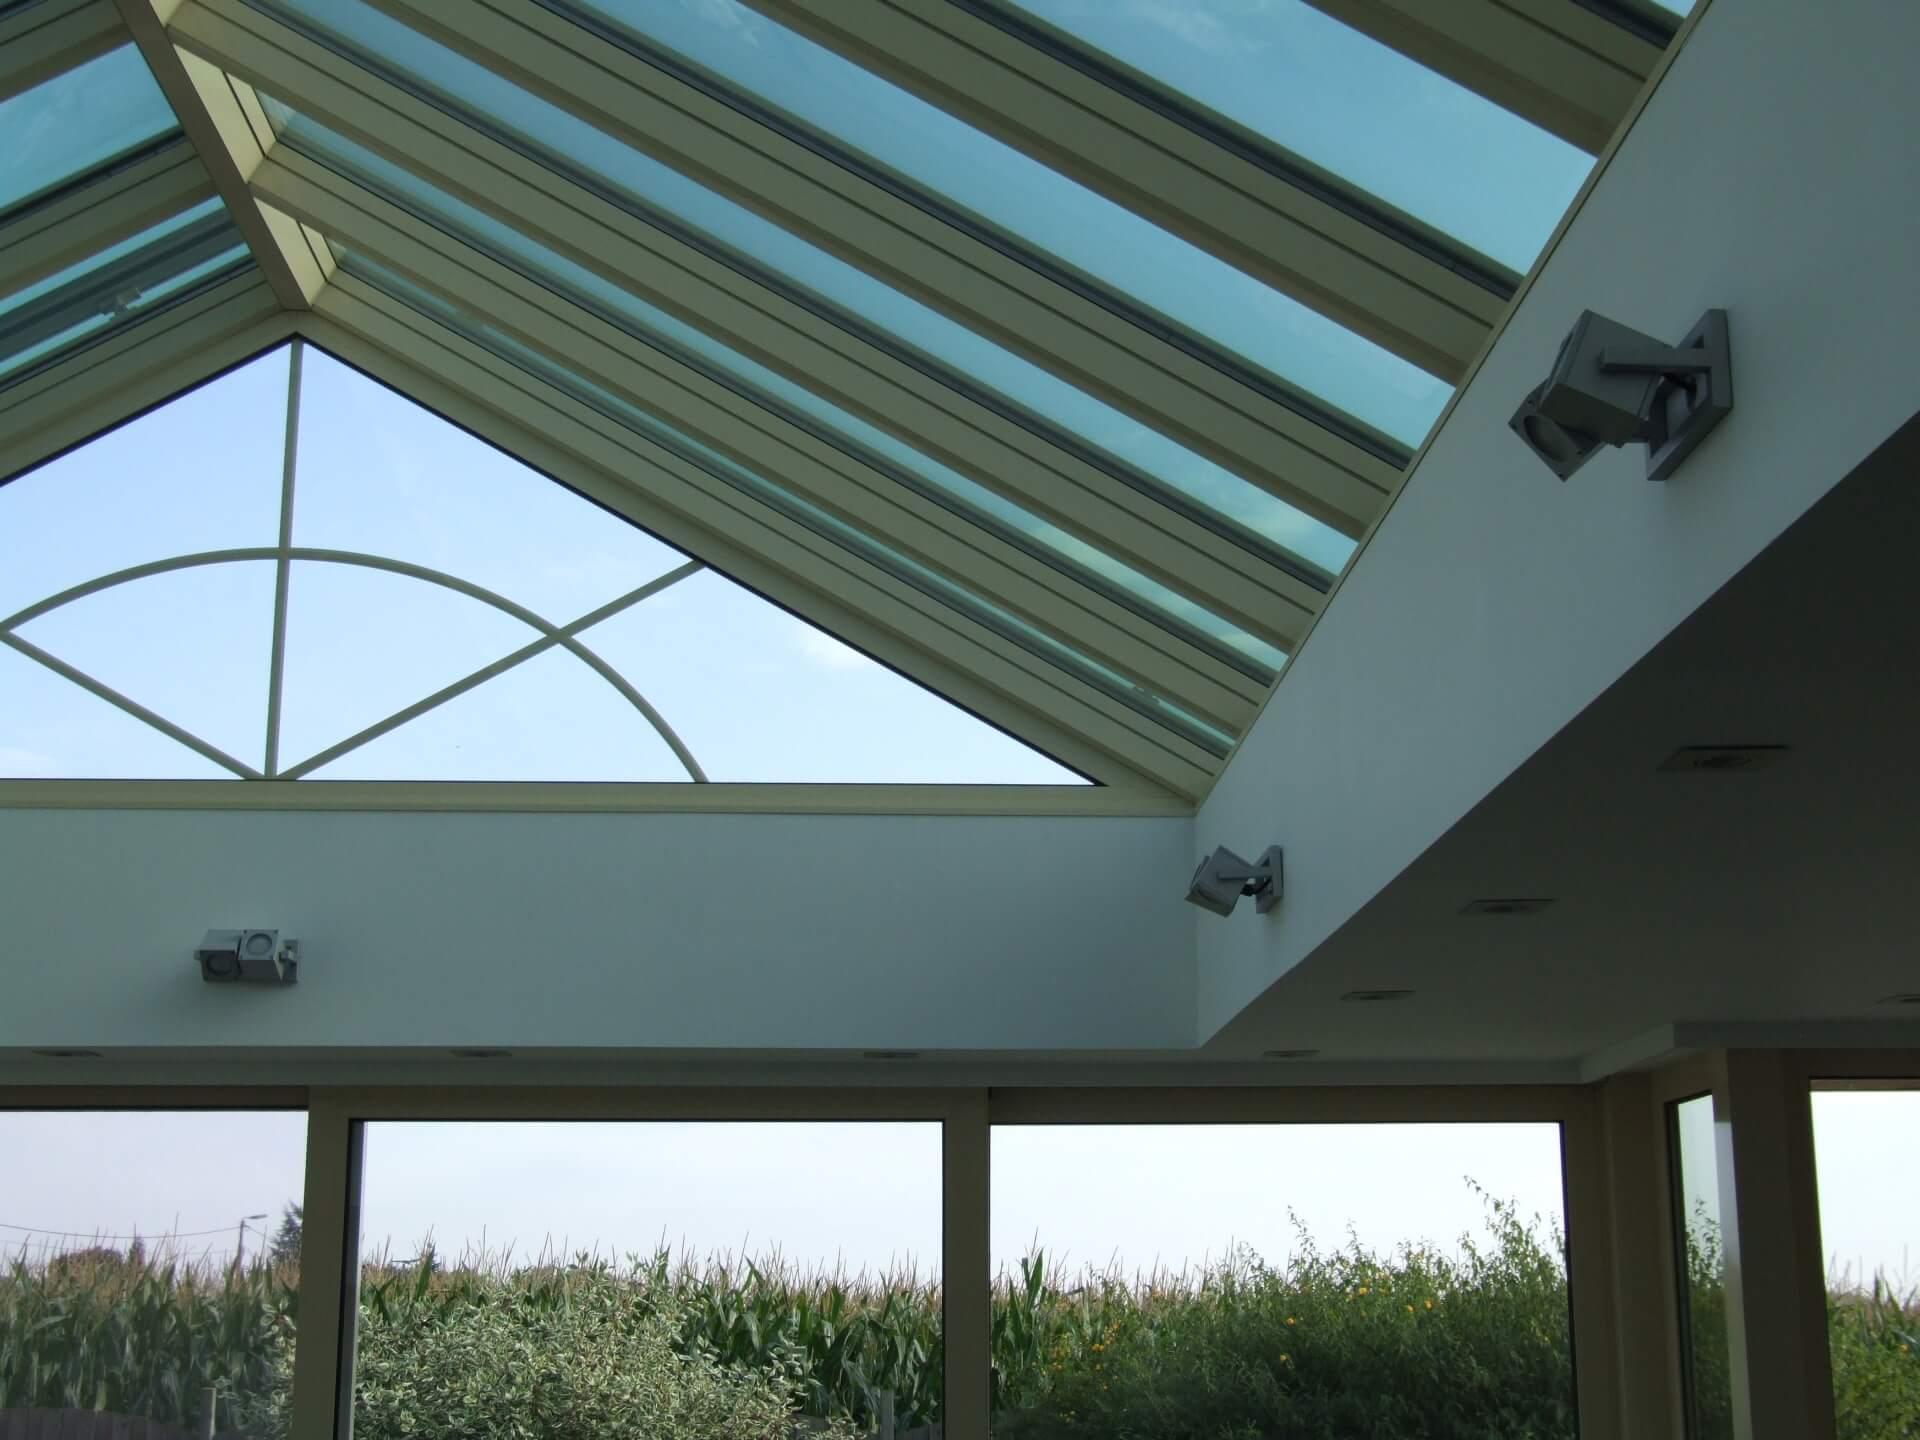 Plafond veranda mesures pour un store velum au plafond duune vranda comment faire youtube - Store plafond interieur pour veranda ...